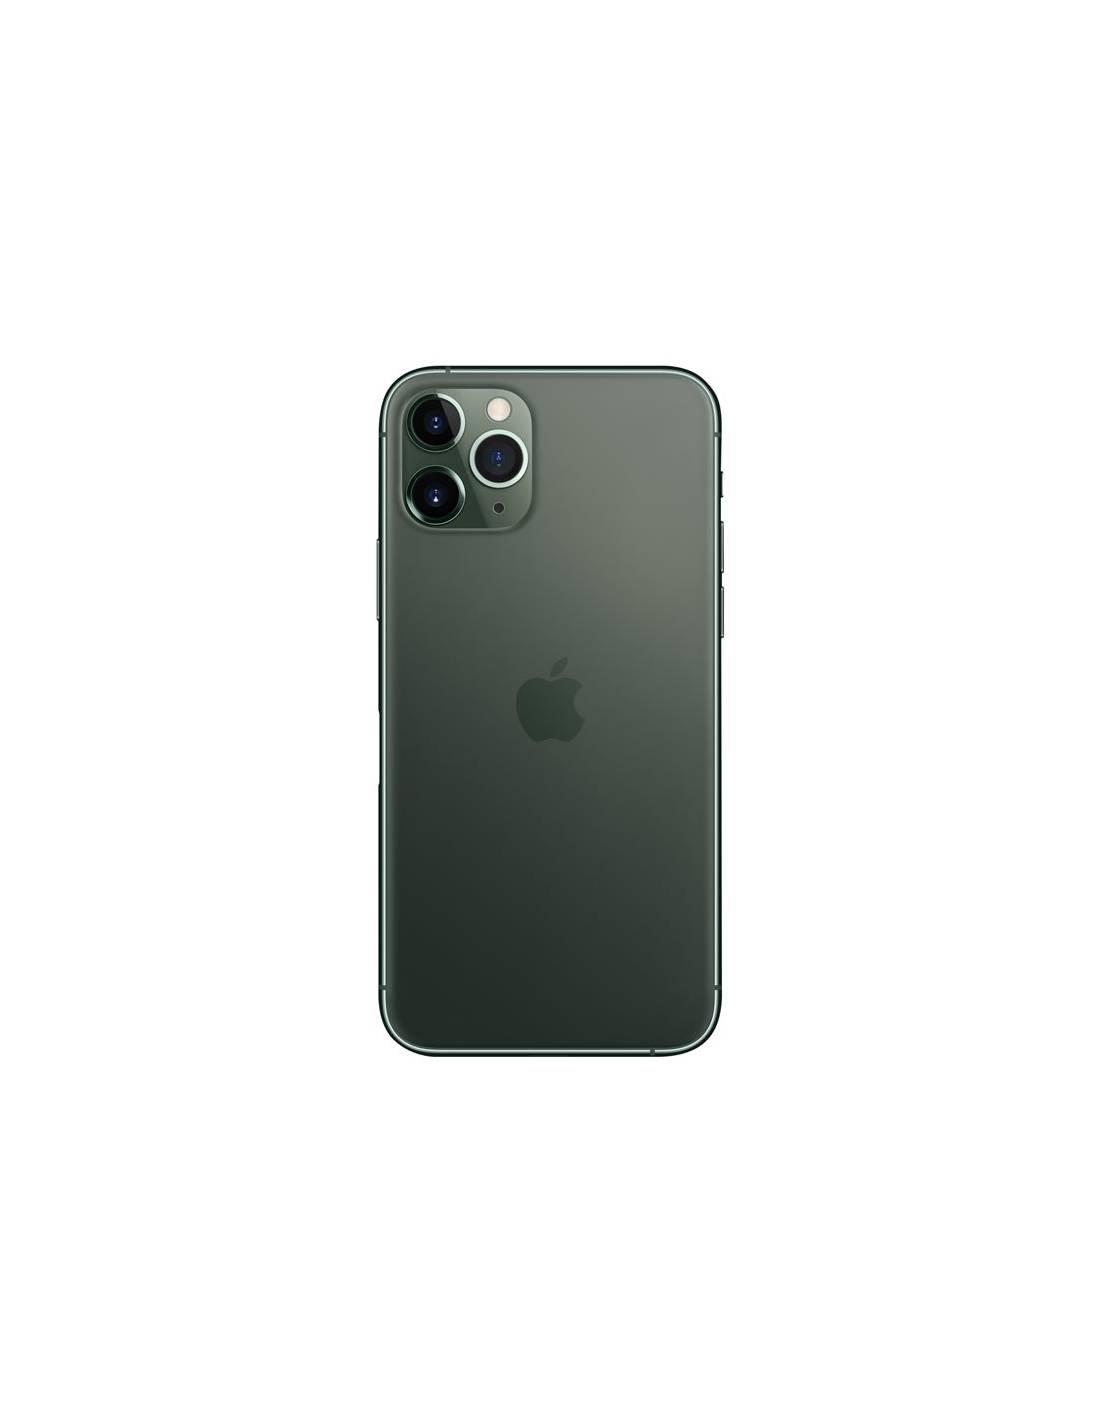 IPhone 11 Pro night green 512GB